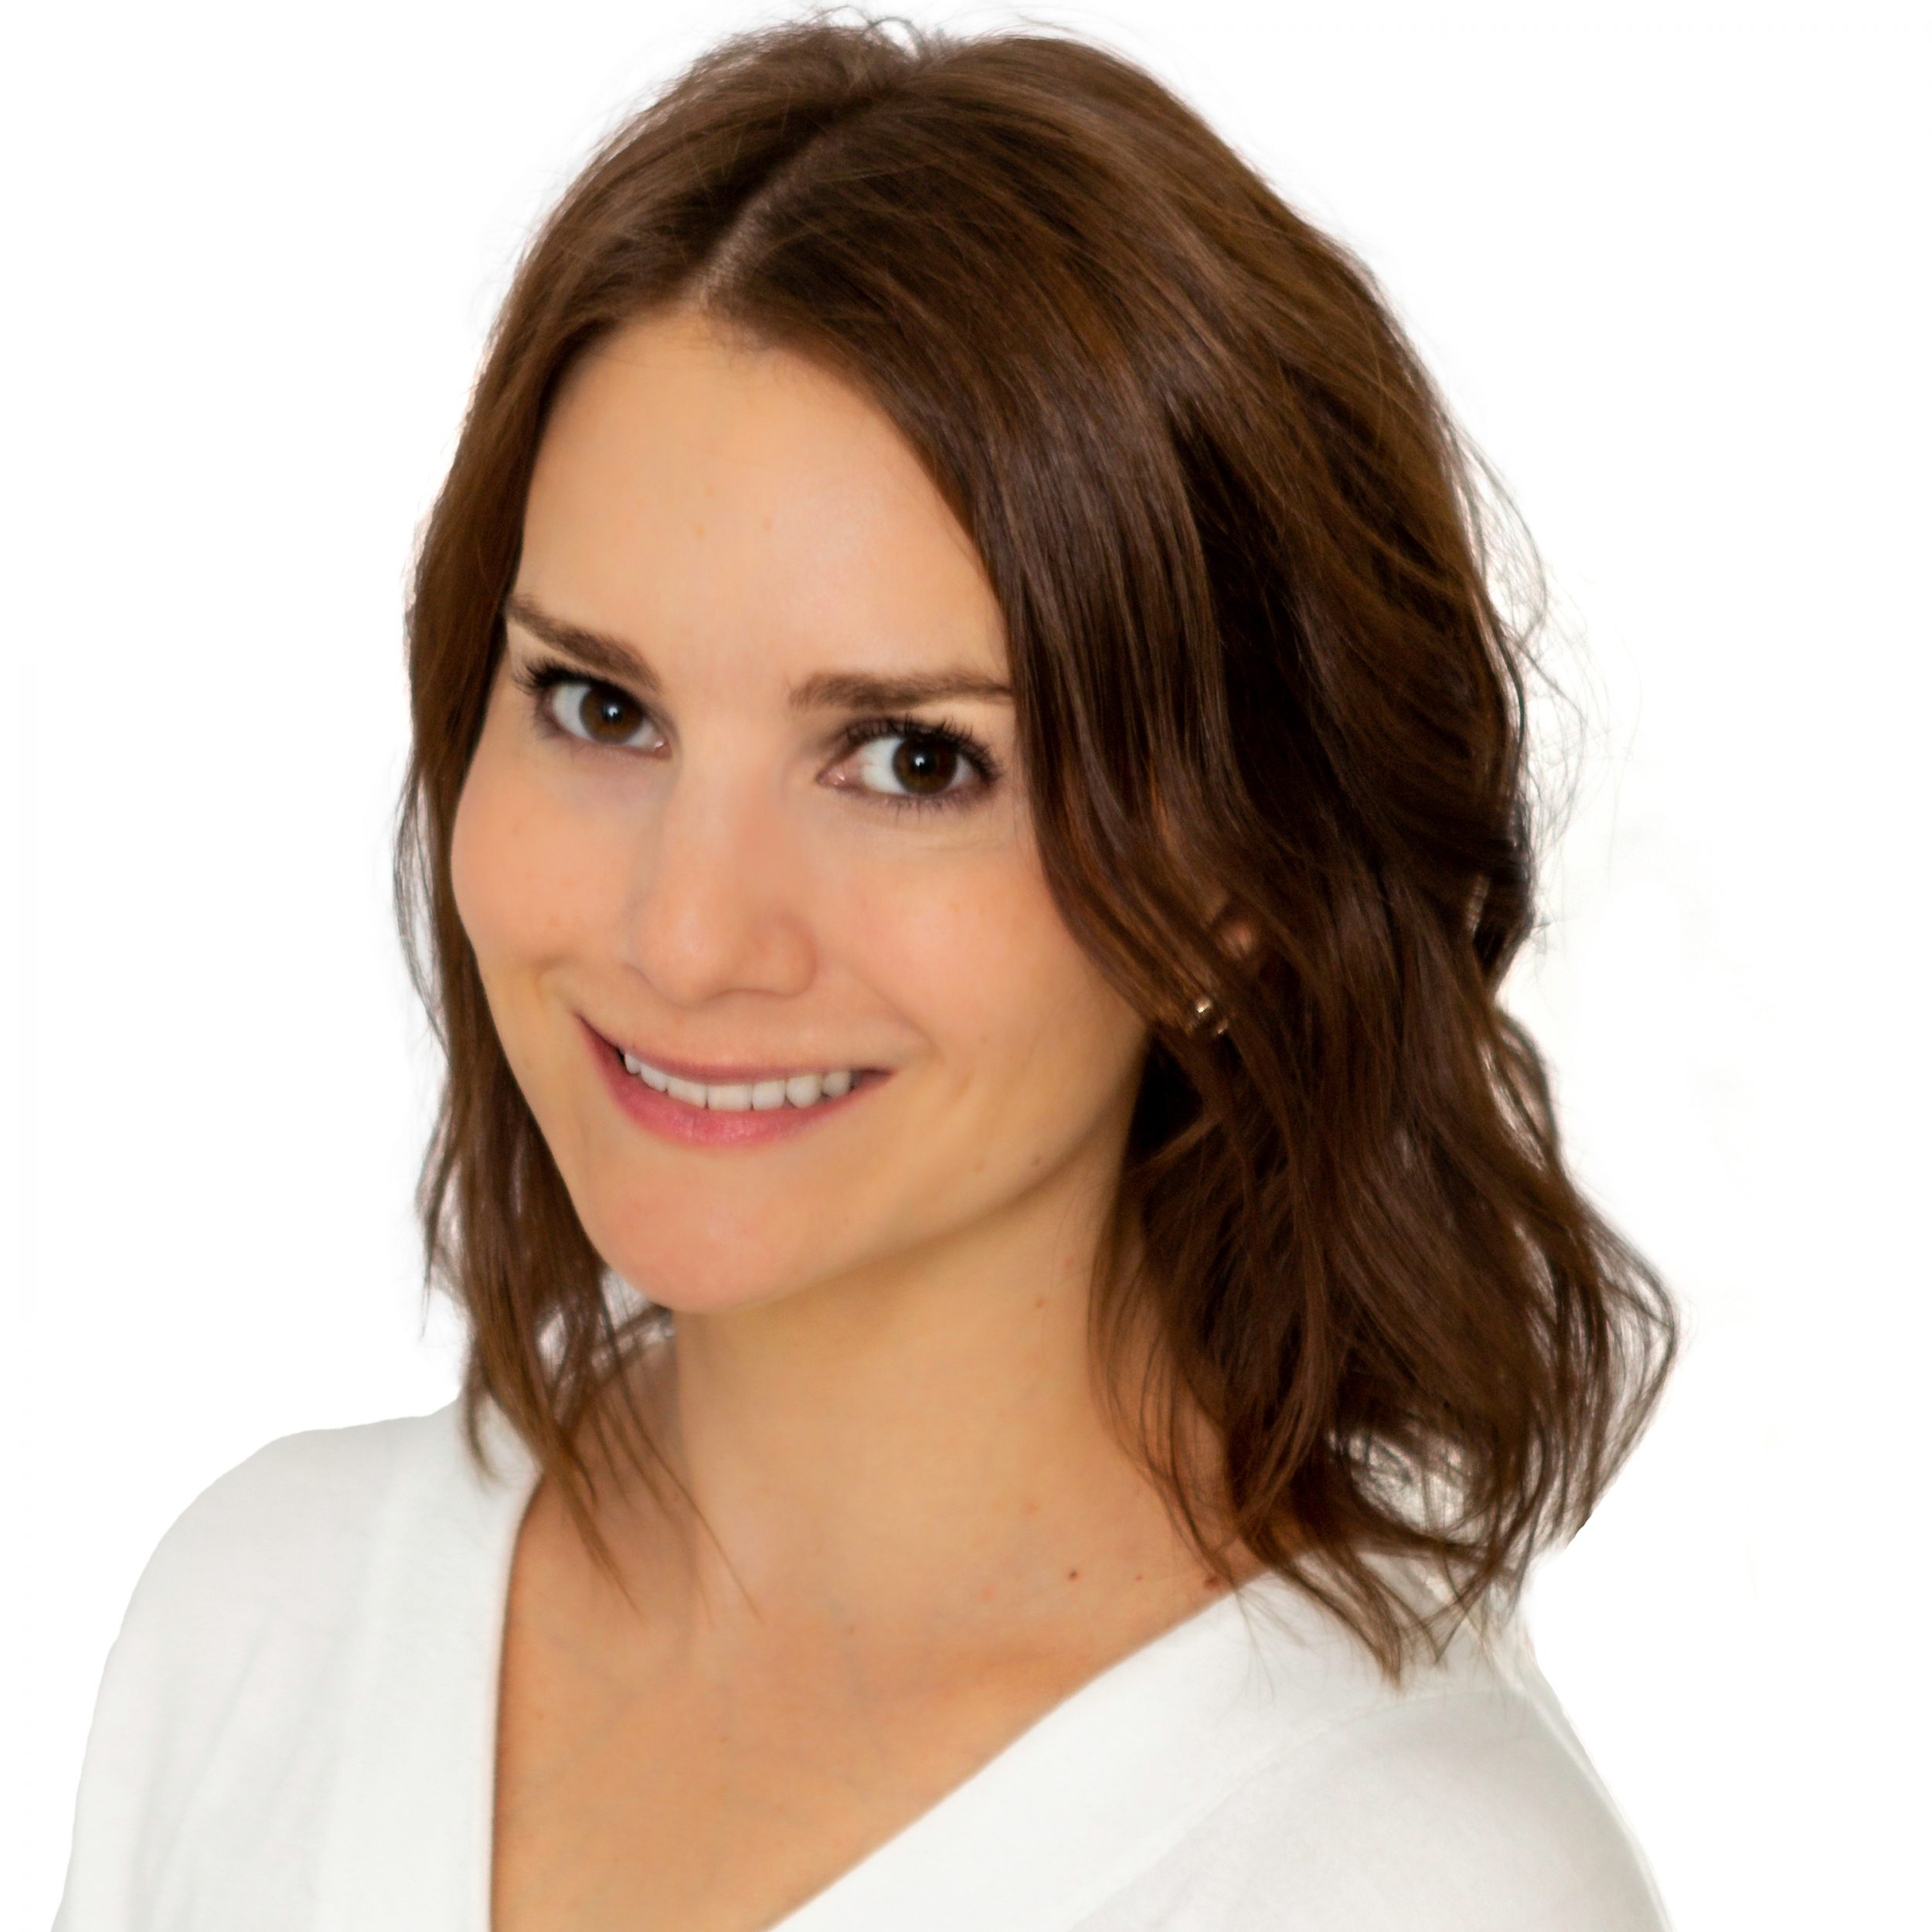 Erica Fortwengler